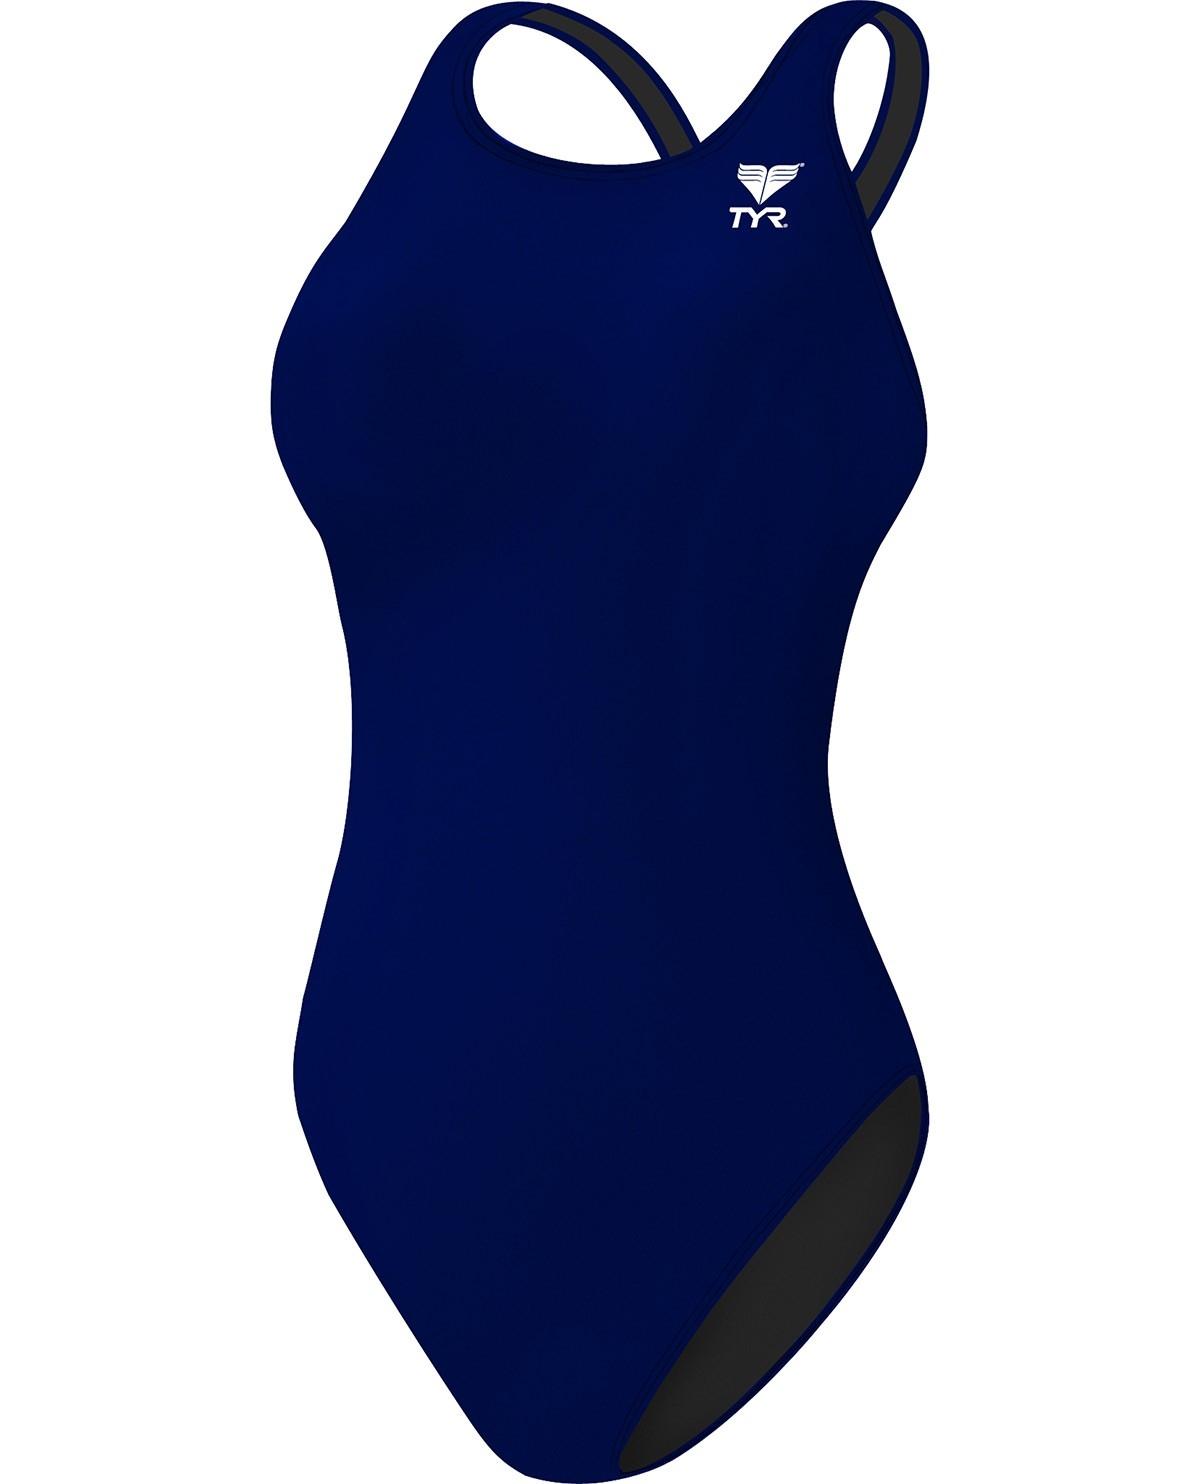 Bikini clipart blue bikini. Unique swimsuit collection digital